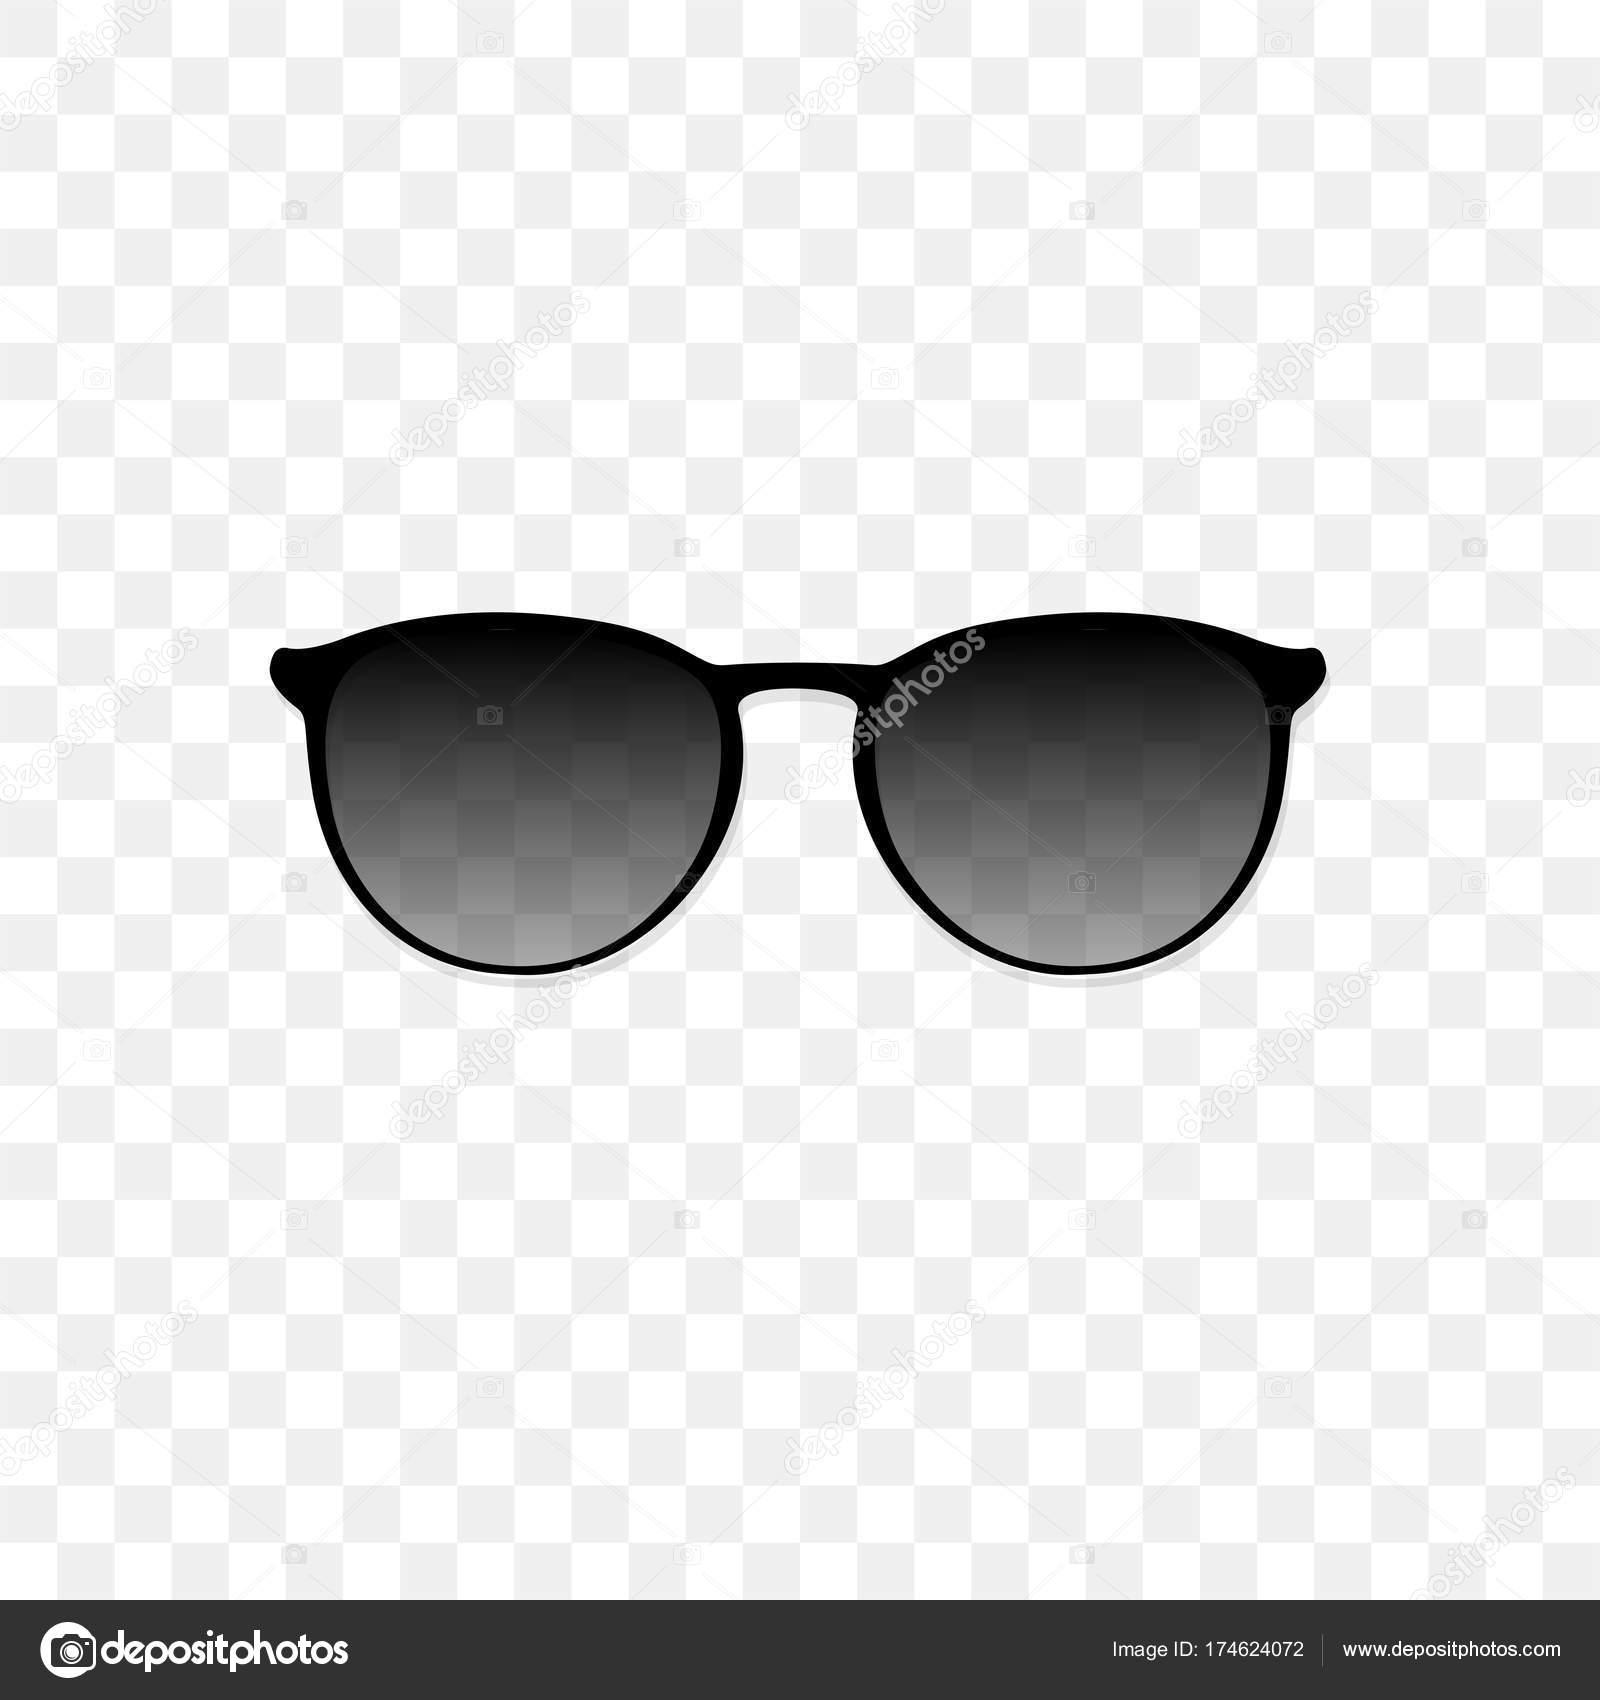 Реалістичний сонцезахисні окуляри з напівпрозорого чорного скла на прозорим  фоном. Захист від сонця і УФ-променів. Моди аксесуарів Векторні ілюстрації  ... 29da75f6298a4